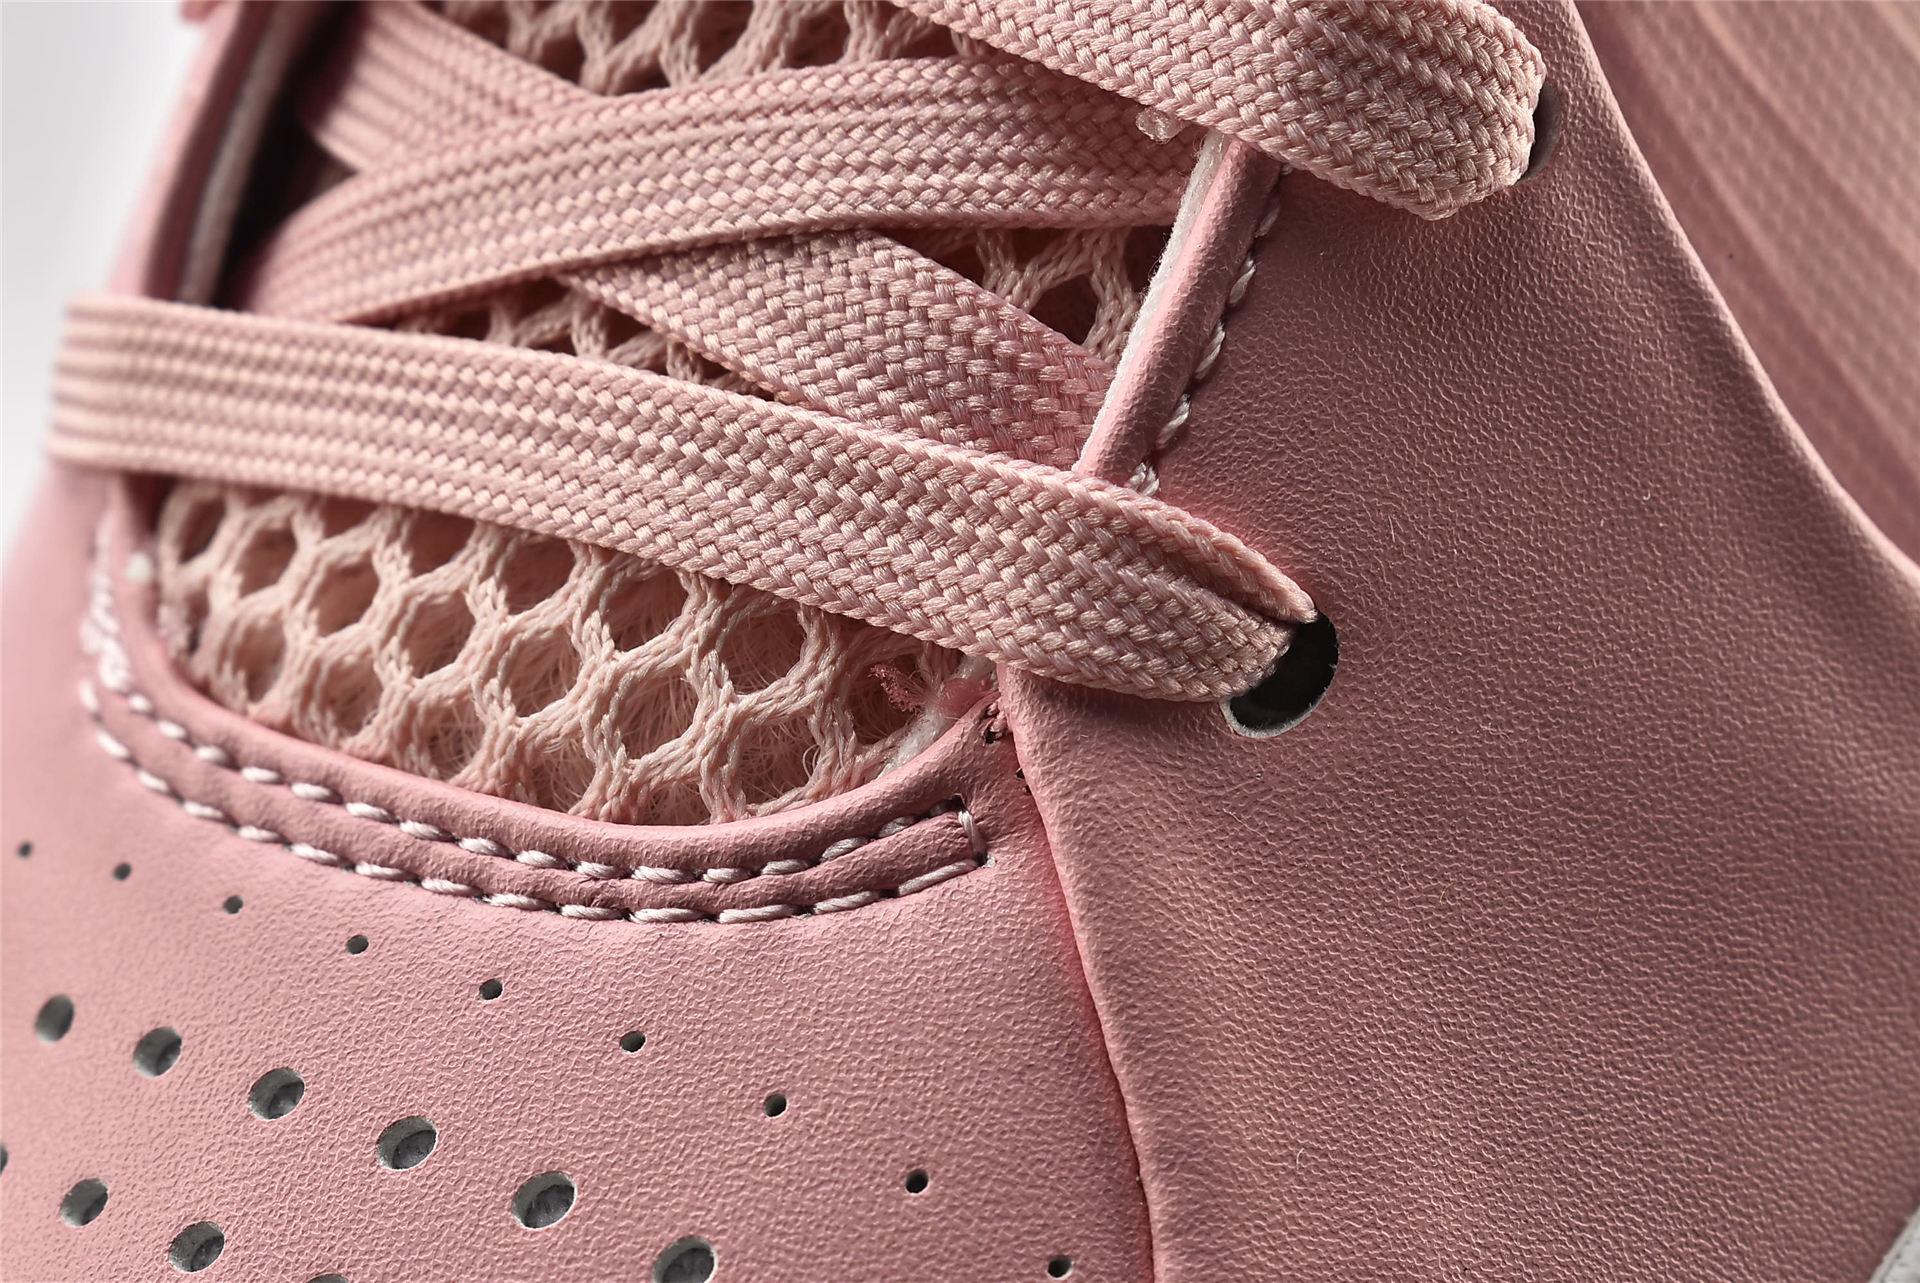 Nike Kobe 4 Protro ZK4 科比4代篮球鞋/联名 粉  灭世版  货号:AV6339-600  男鞋